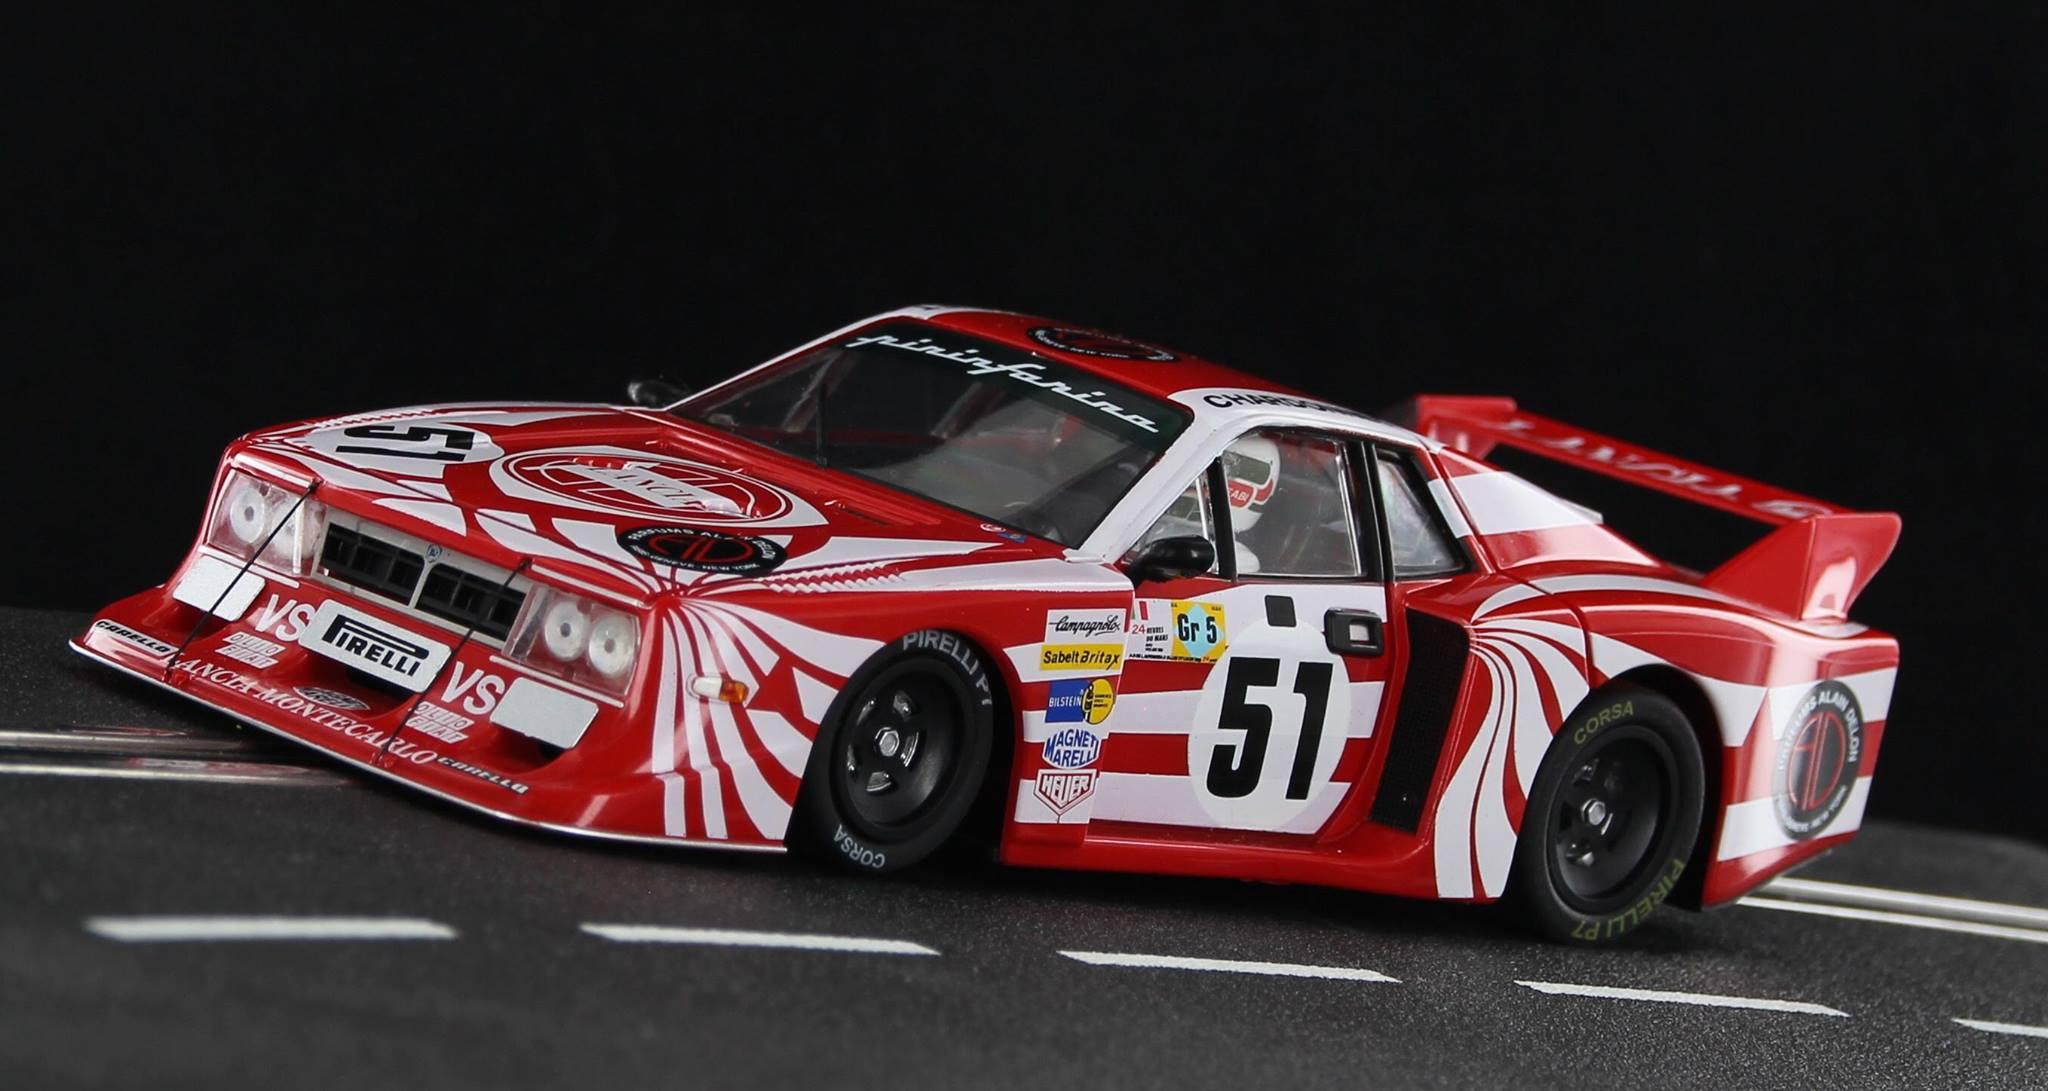 Sideways: la Lancia Beta Montecarlo Turbo Gr.5 #51- Le Mans 1980